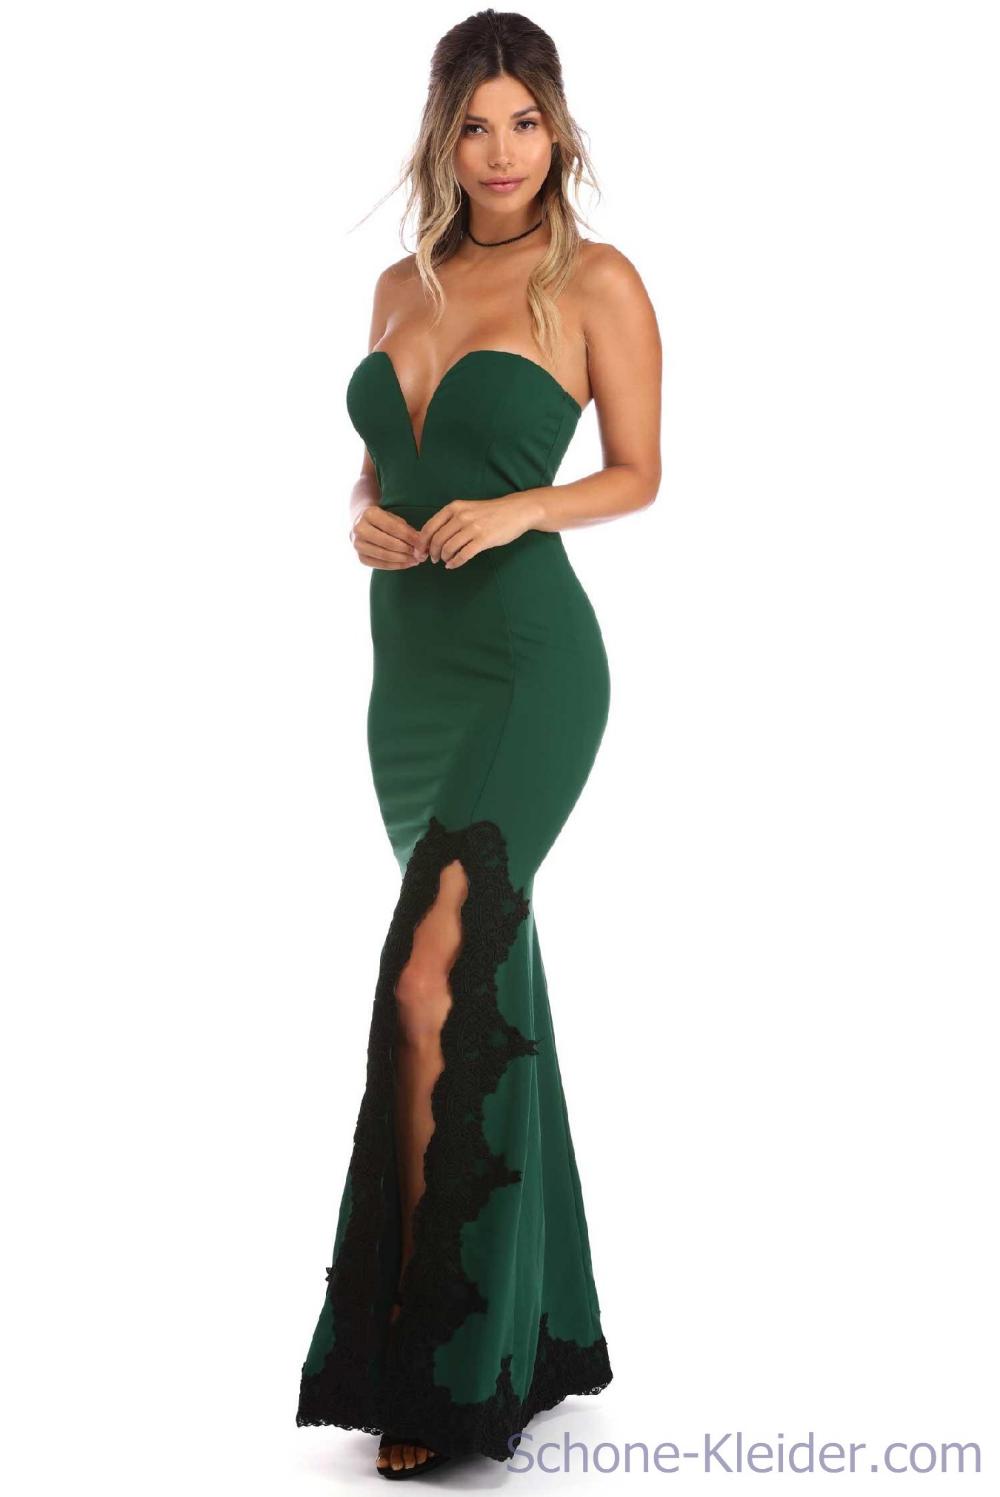 Elegante Kleider, Trendige Cocktailkleider und Abendkleider